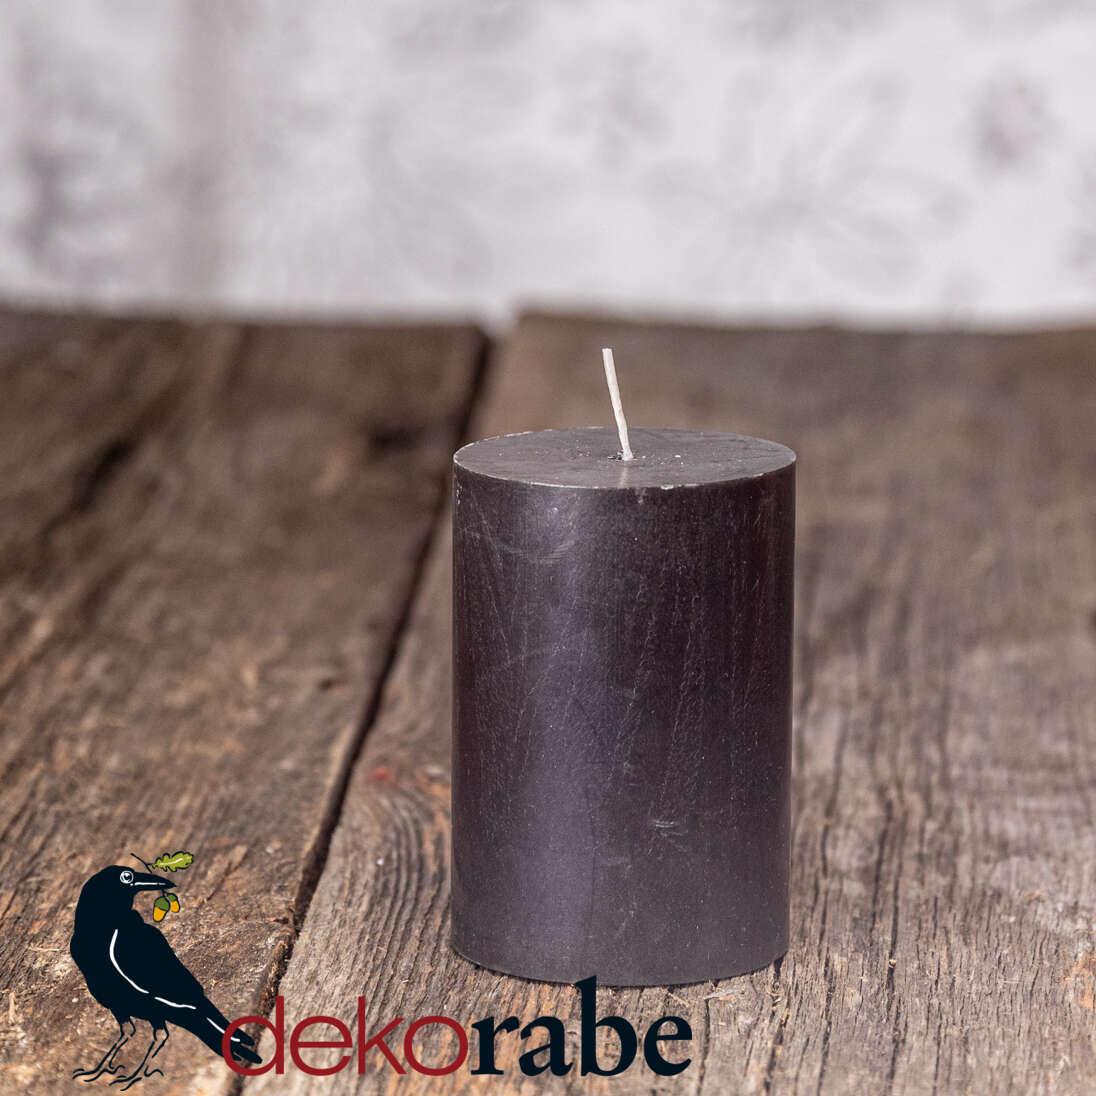 Cylinderkerze Silea Stearin schwarz 7,0 cm Ø, ca. 10 cm hoch